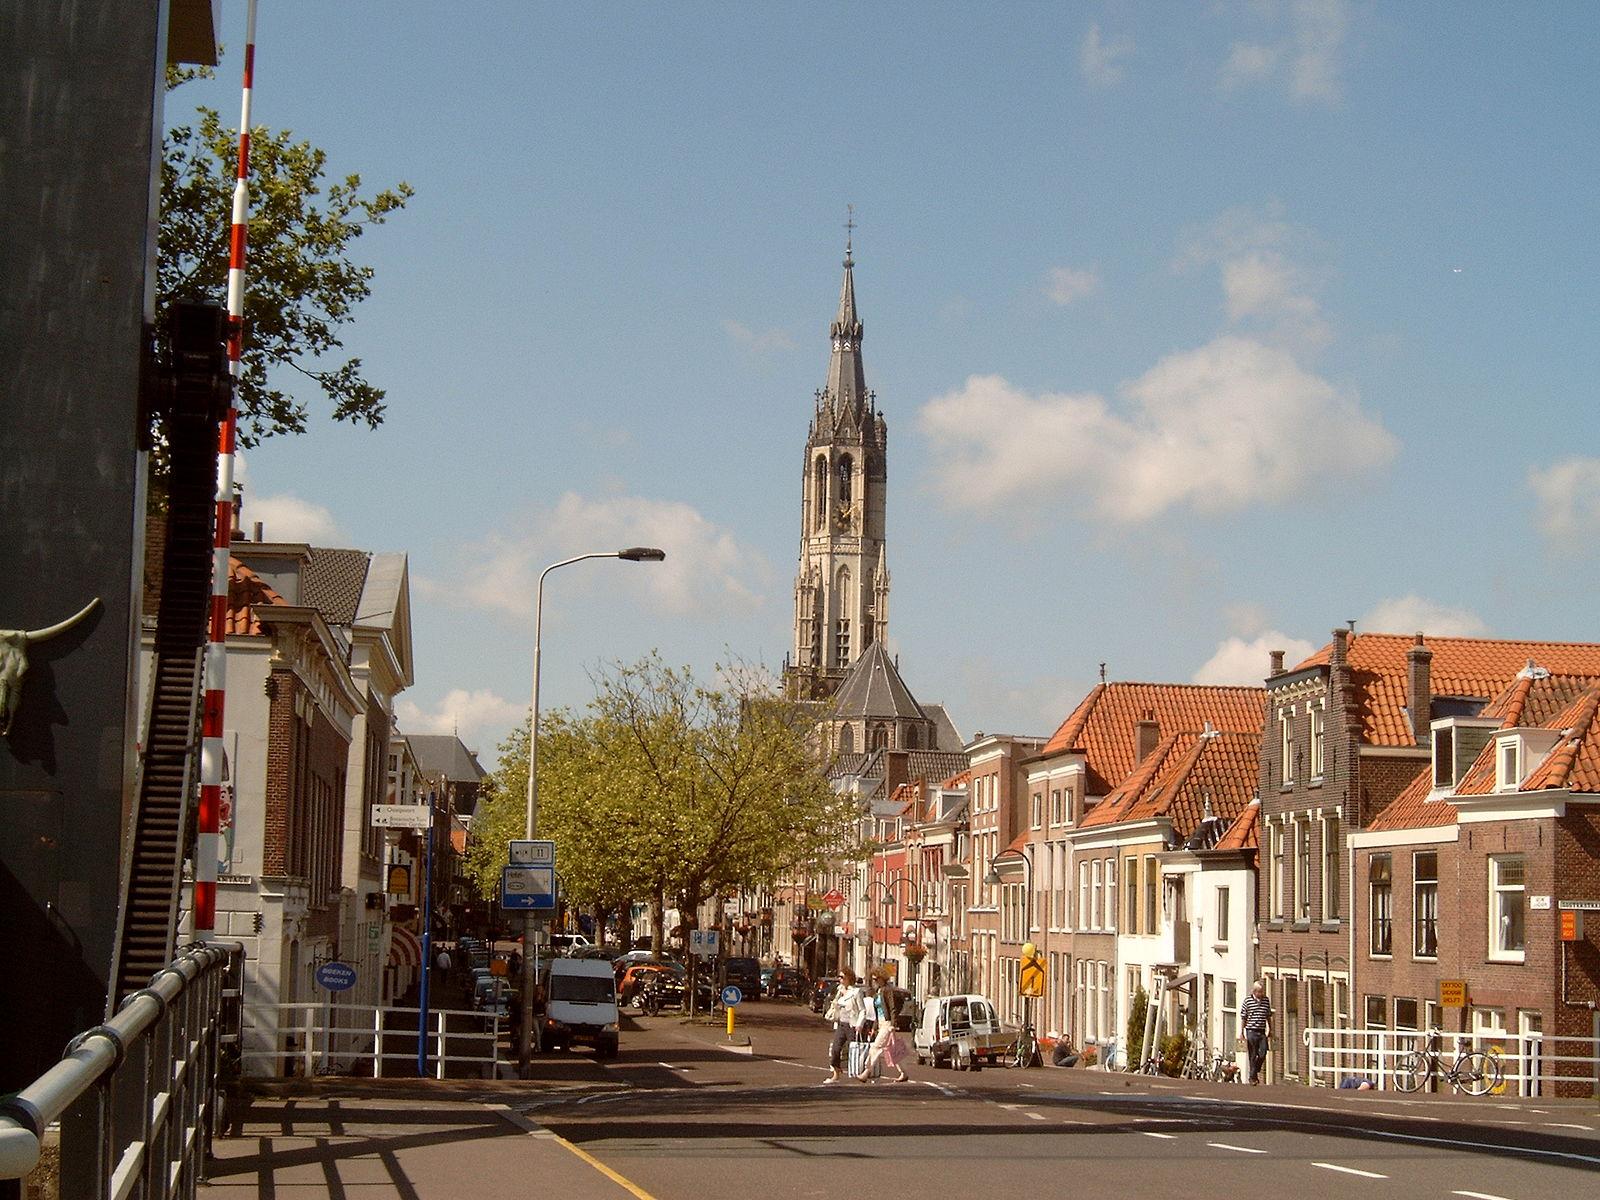 Pleidooi voor meer onderzoek Nieuwe Kerk Delft nog steeds drijfzand